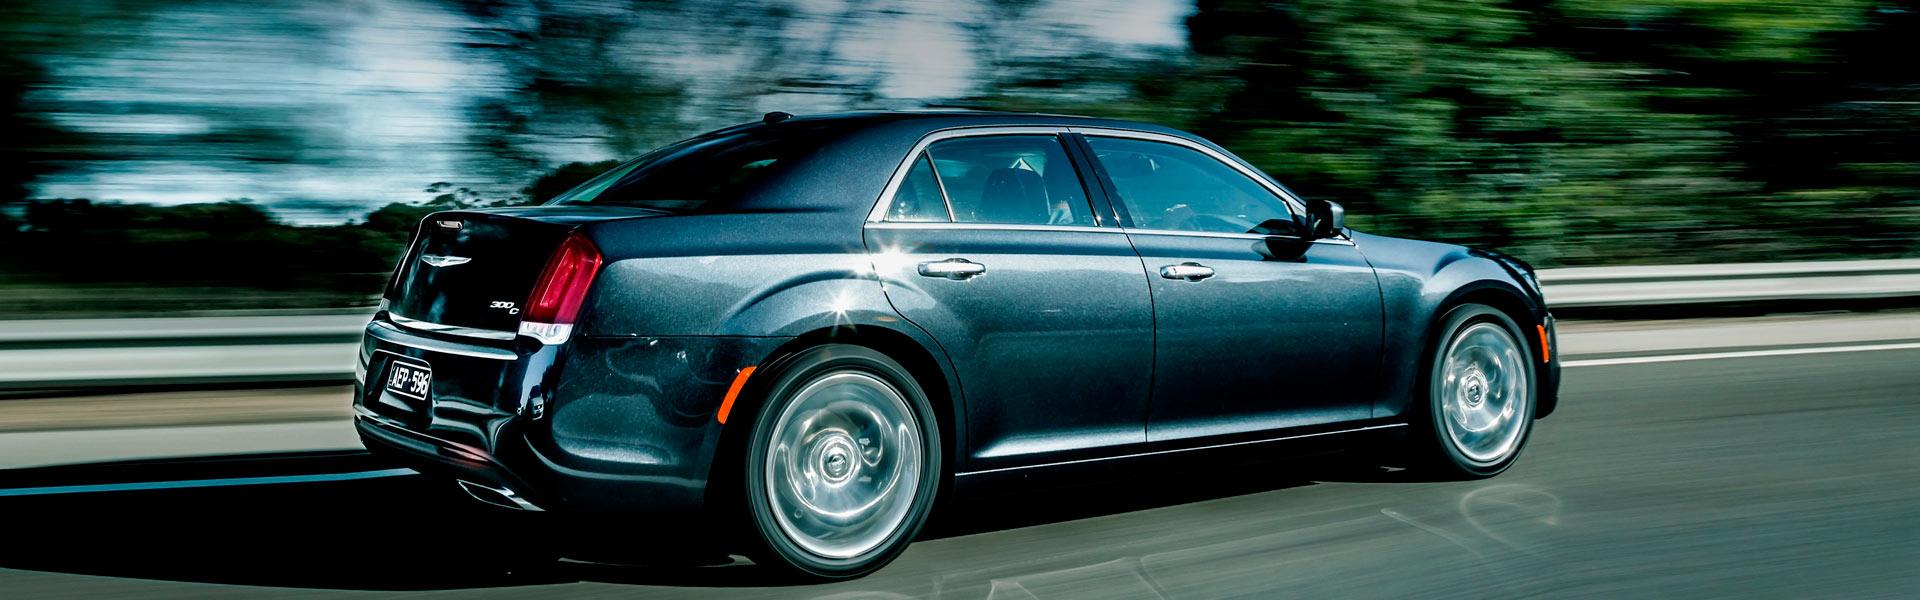 Запчасти на Chrysler 300C